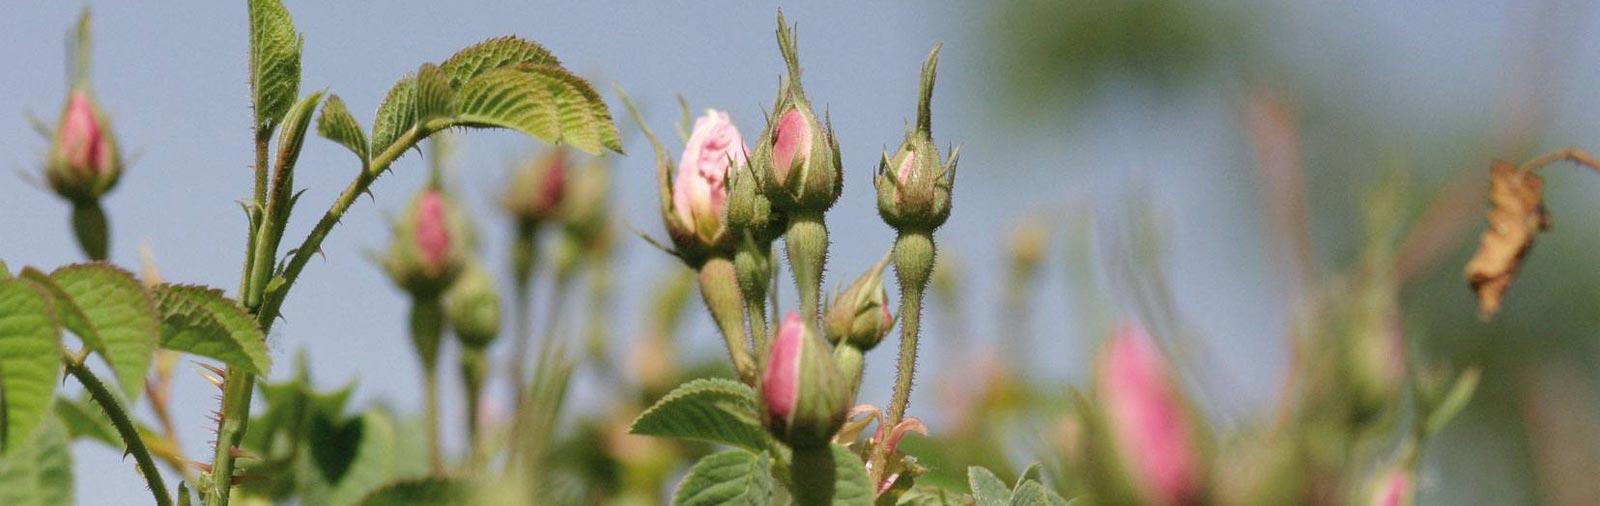 Roos - Rosa ssp.